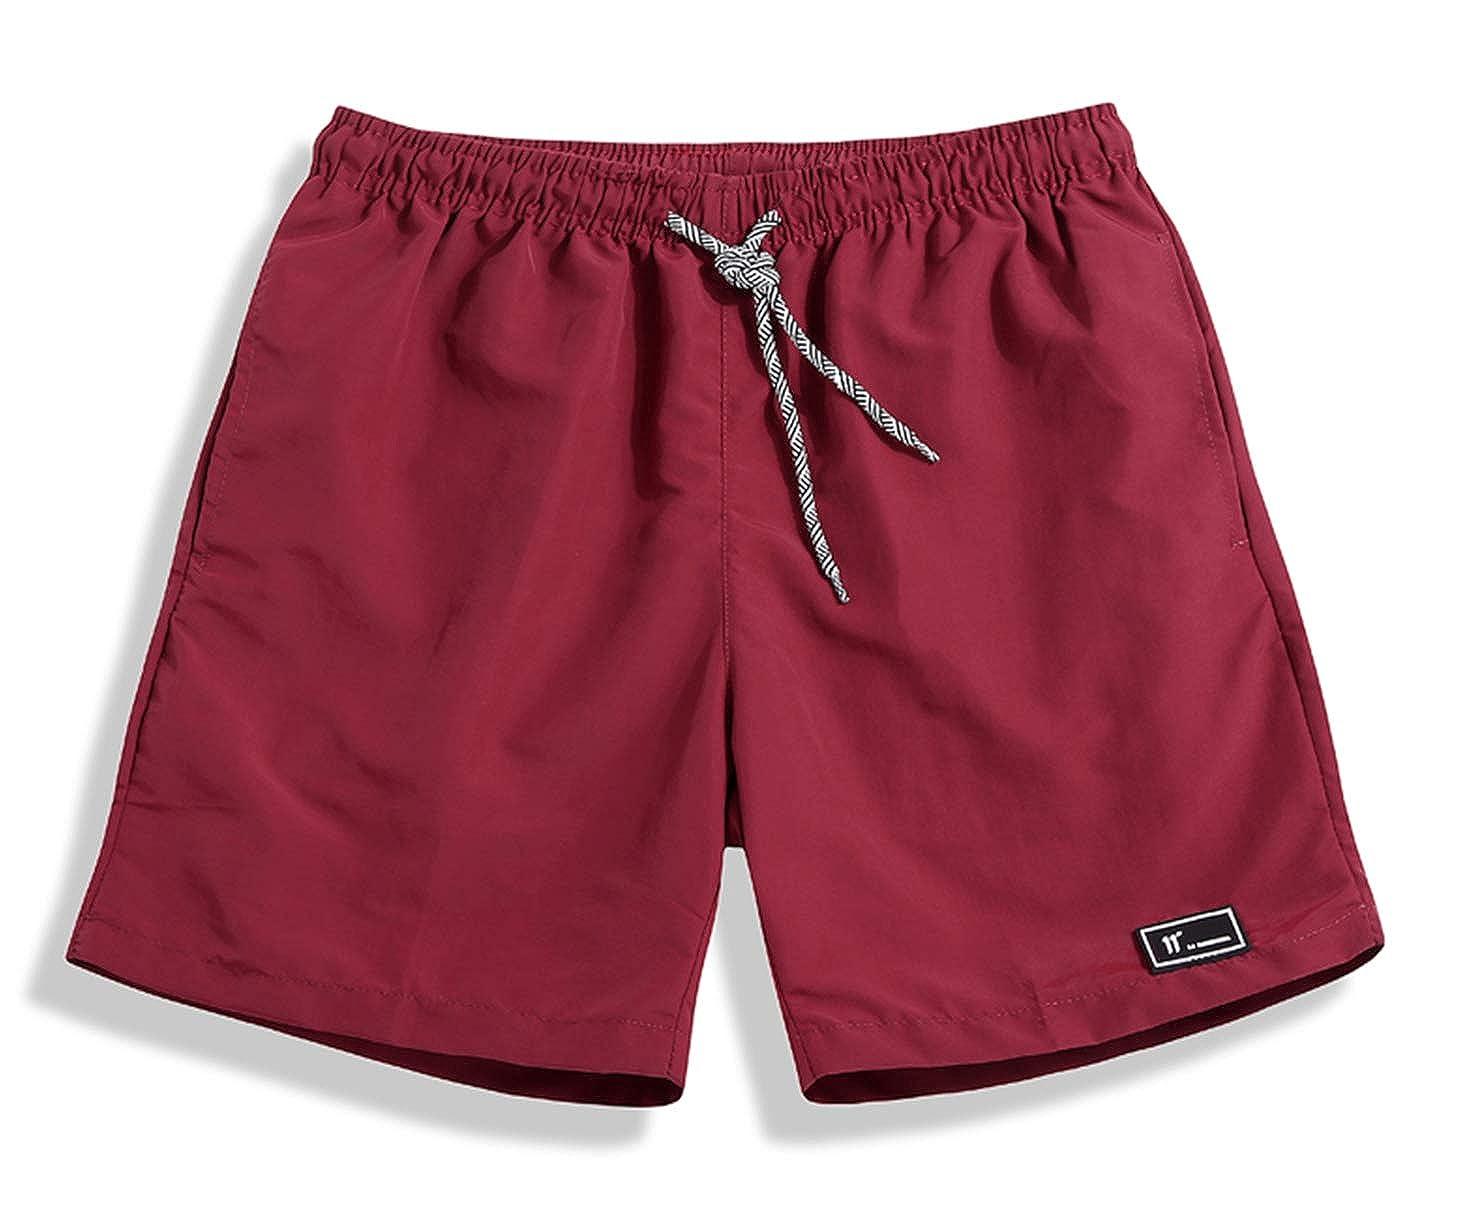 SHEKINI Pantalones Cortos para Hombre Rápico Seco Natación Bañador Cortos Ajustables Baño con Bolsillos Deportivos Trajes de Baño Male Surf para Playa Piscina